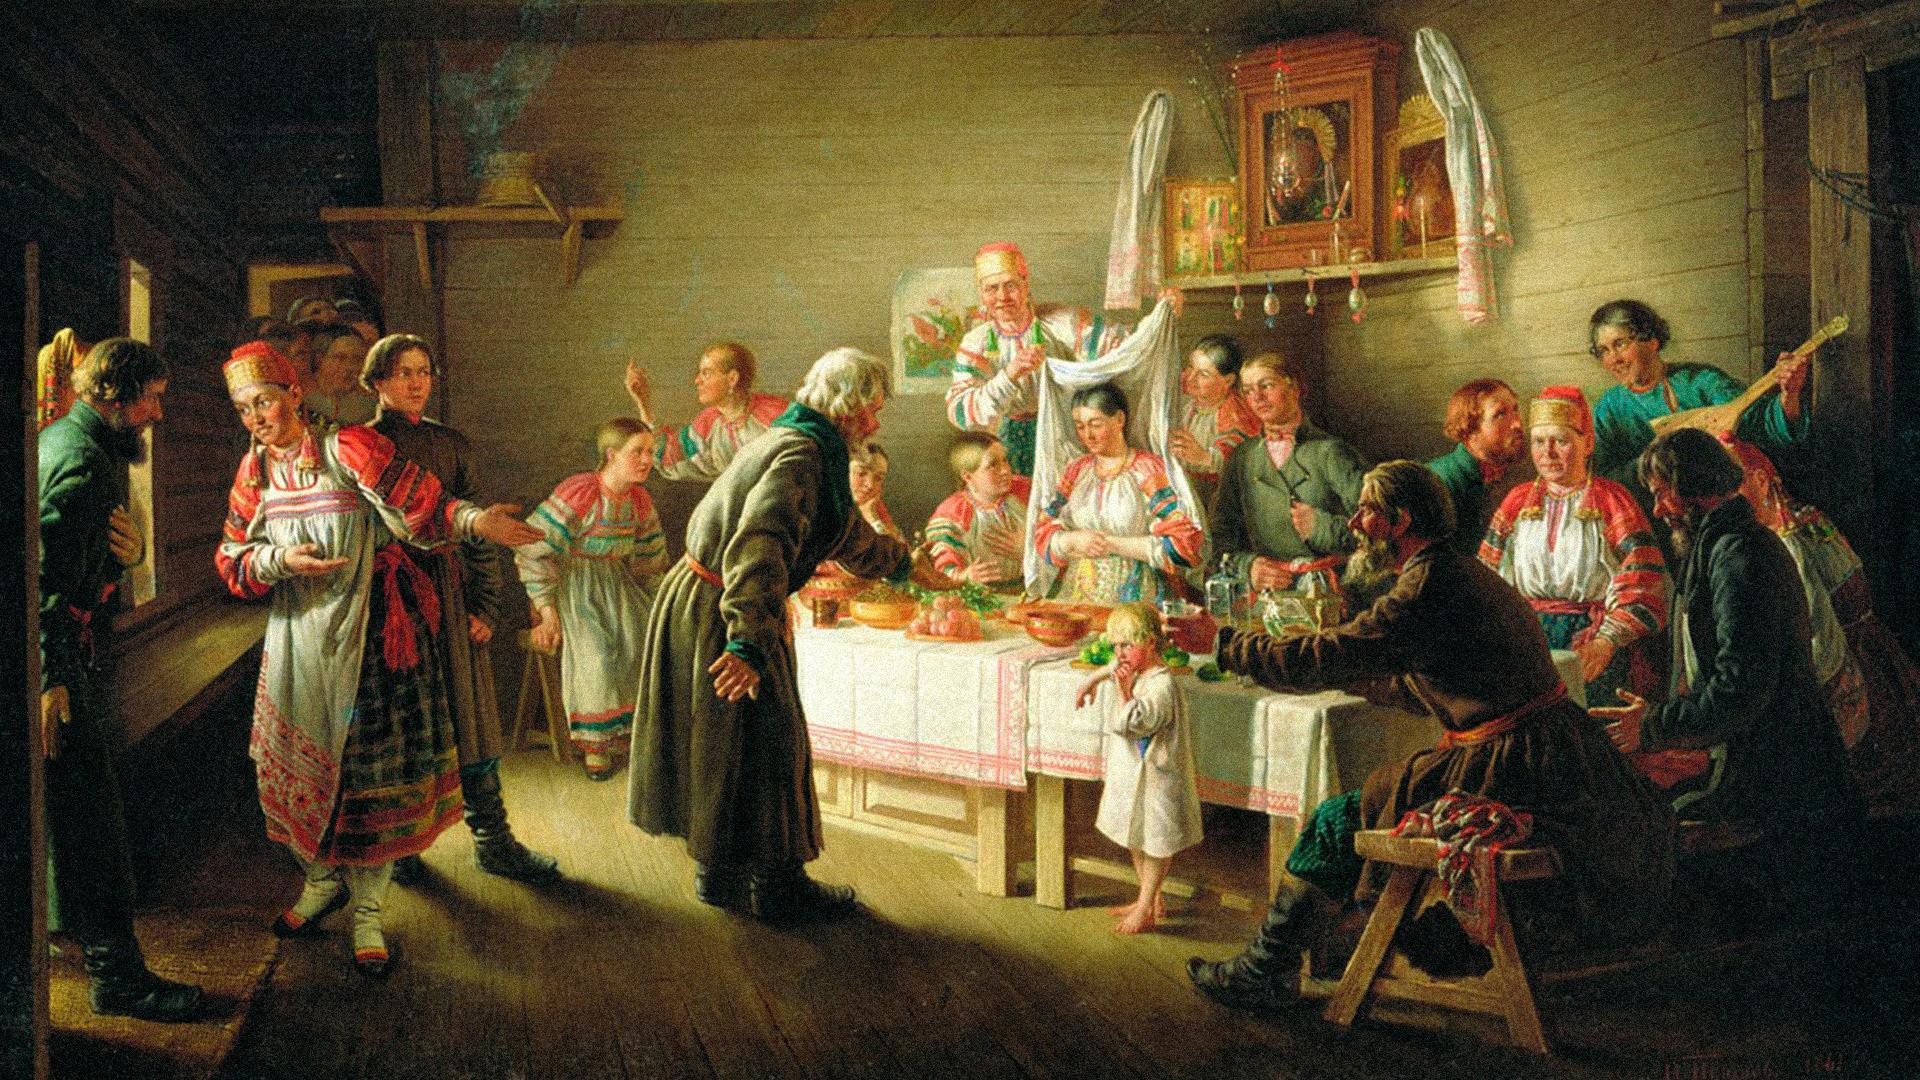 Что означает помолвка и чем отличается от свадьбы, как проходит современная помолвка в россии